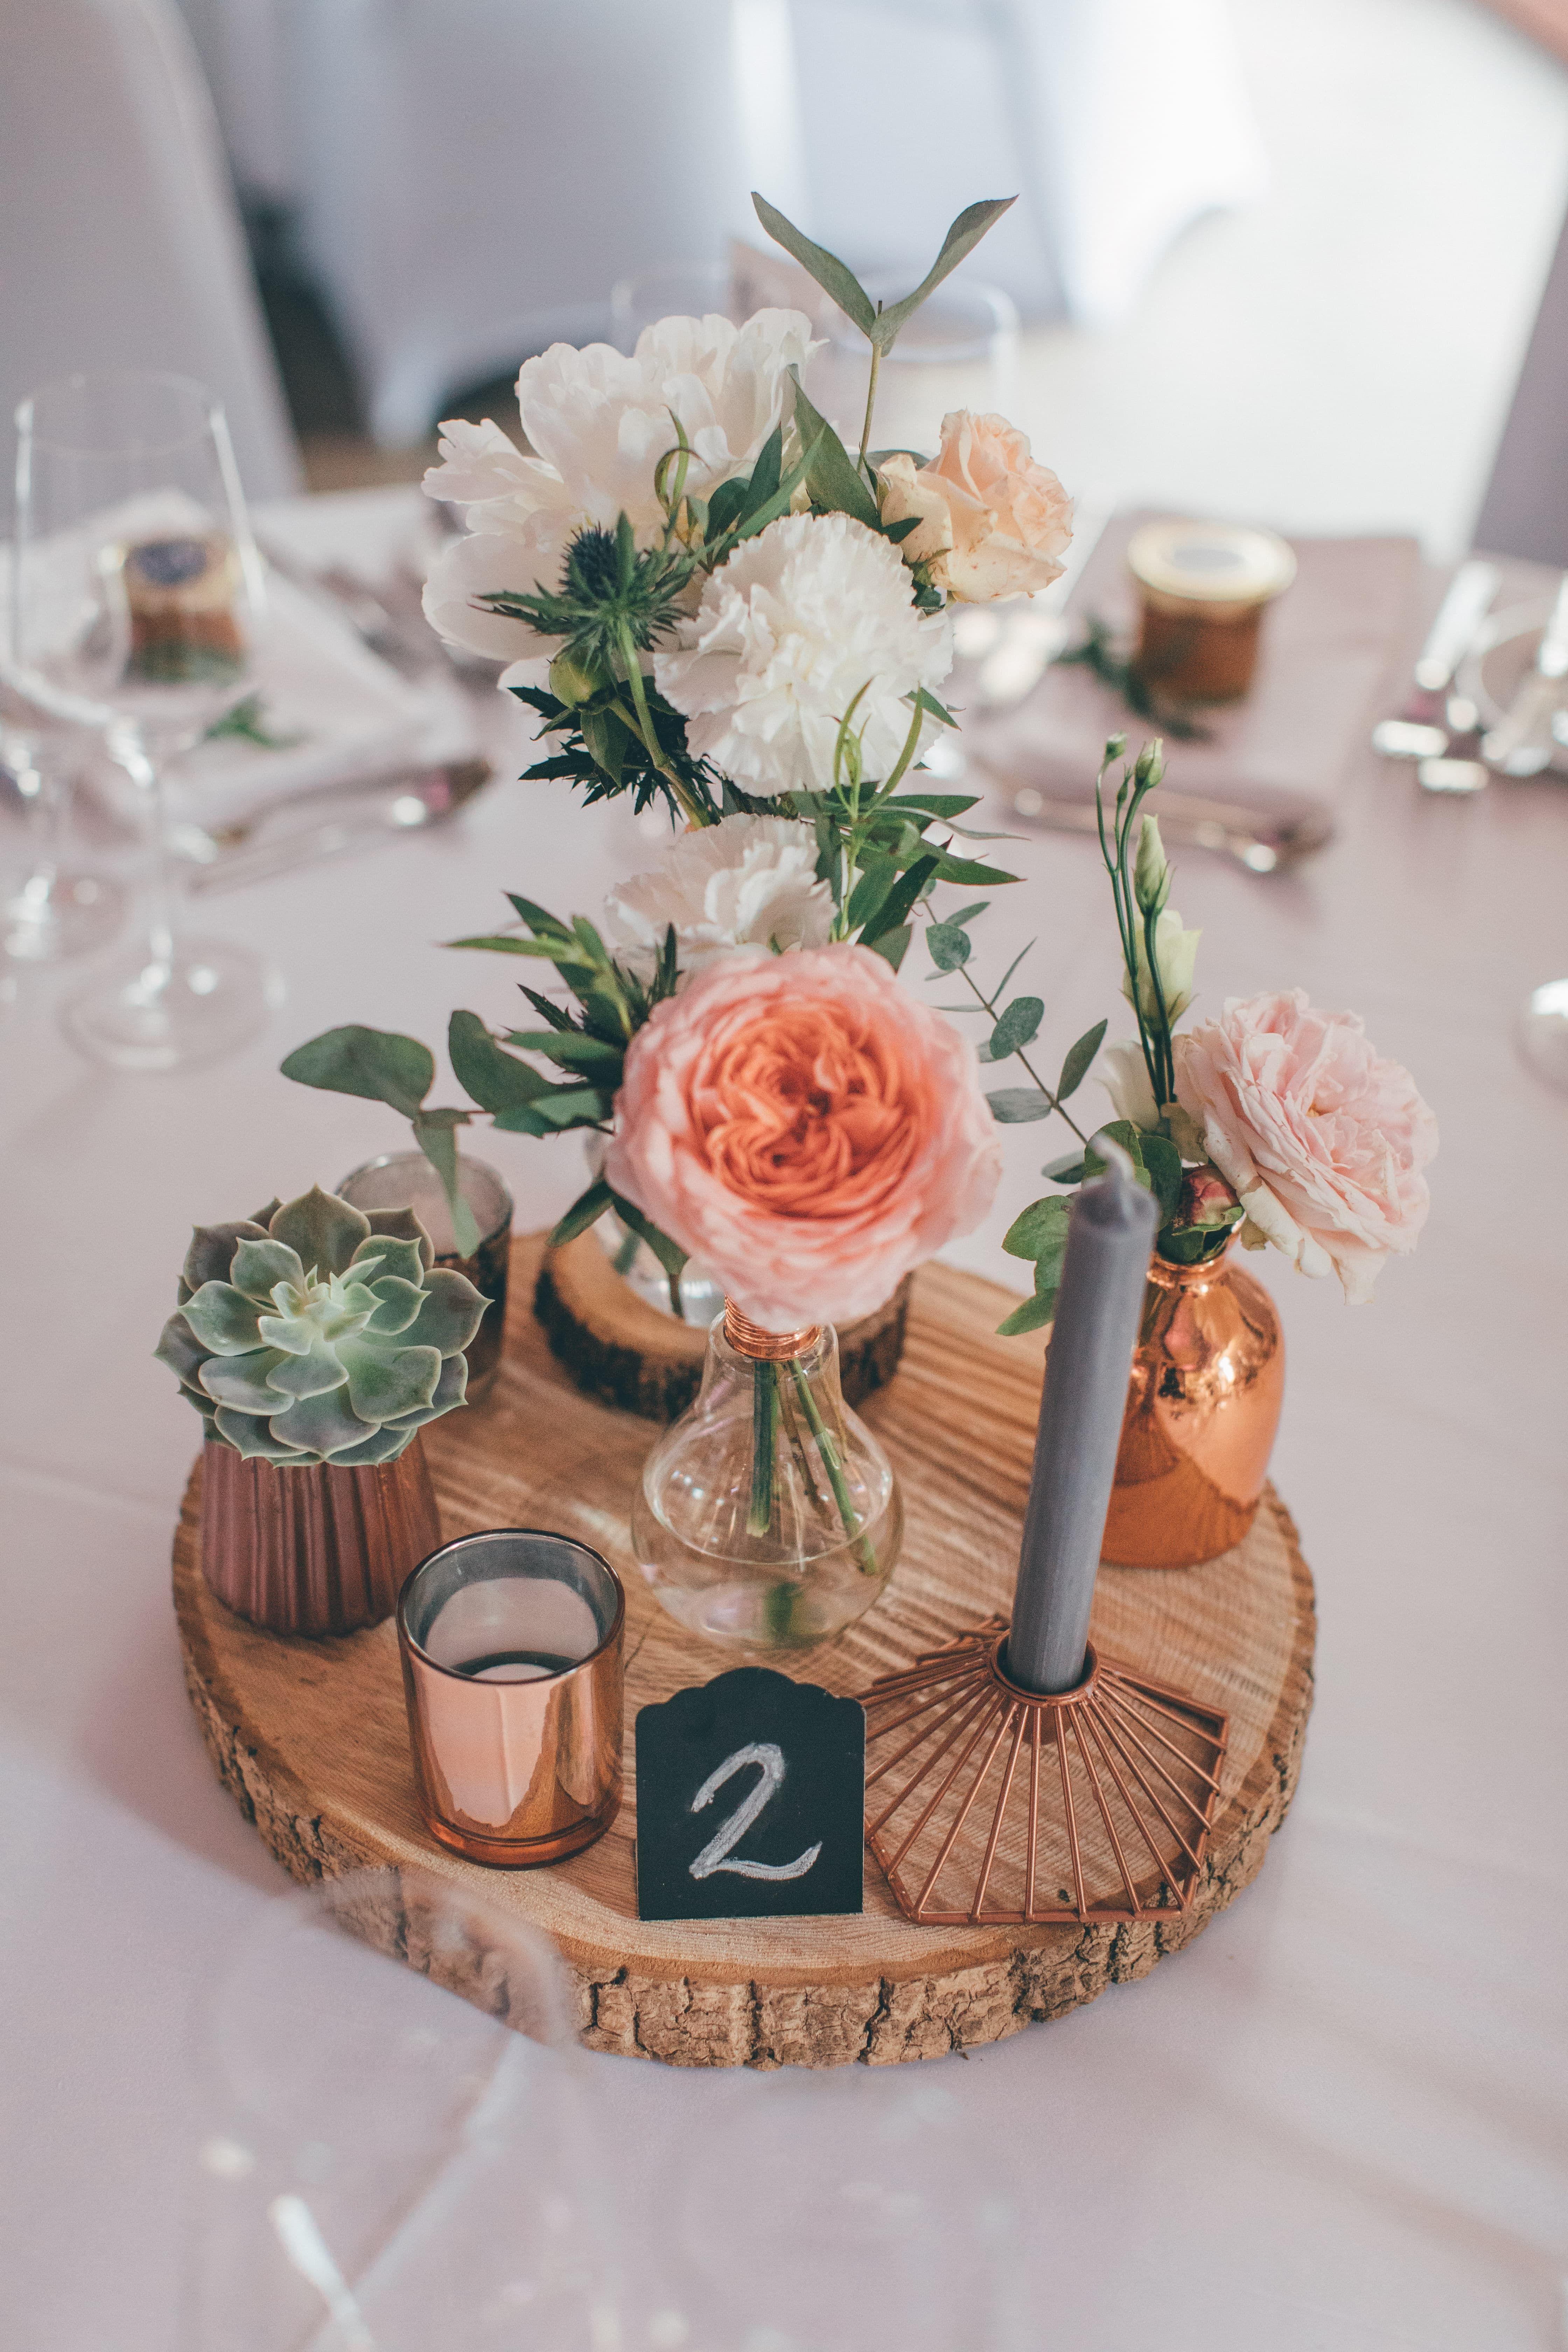 Julia Und Sven Feiern Ihre Hochzeit Auf Gut Hohenholz Bei 30 Grad Hochzeitstischdekoration Hochzeit Deko Tisch Tischdekoration Hochzeit Blumen